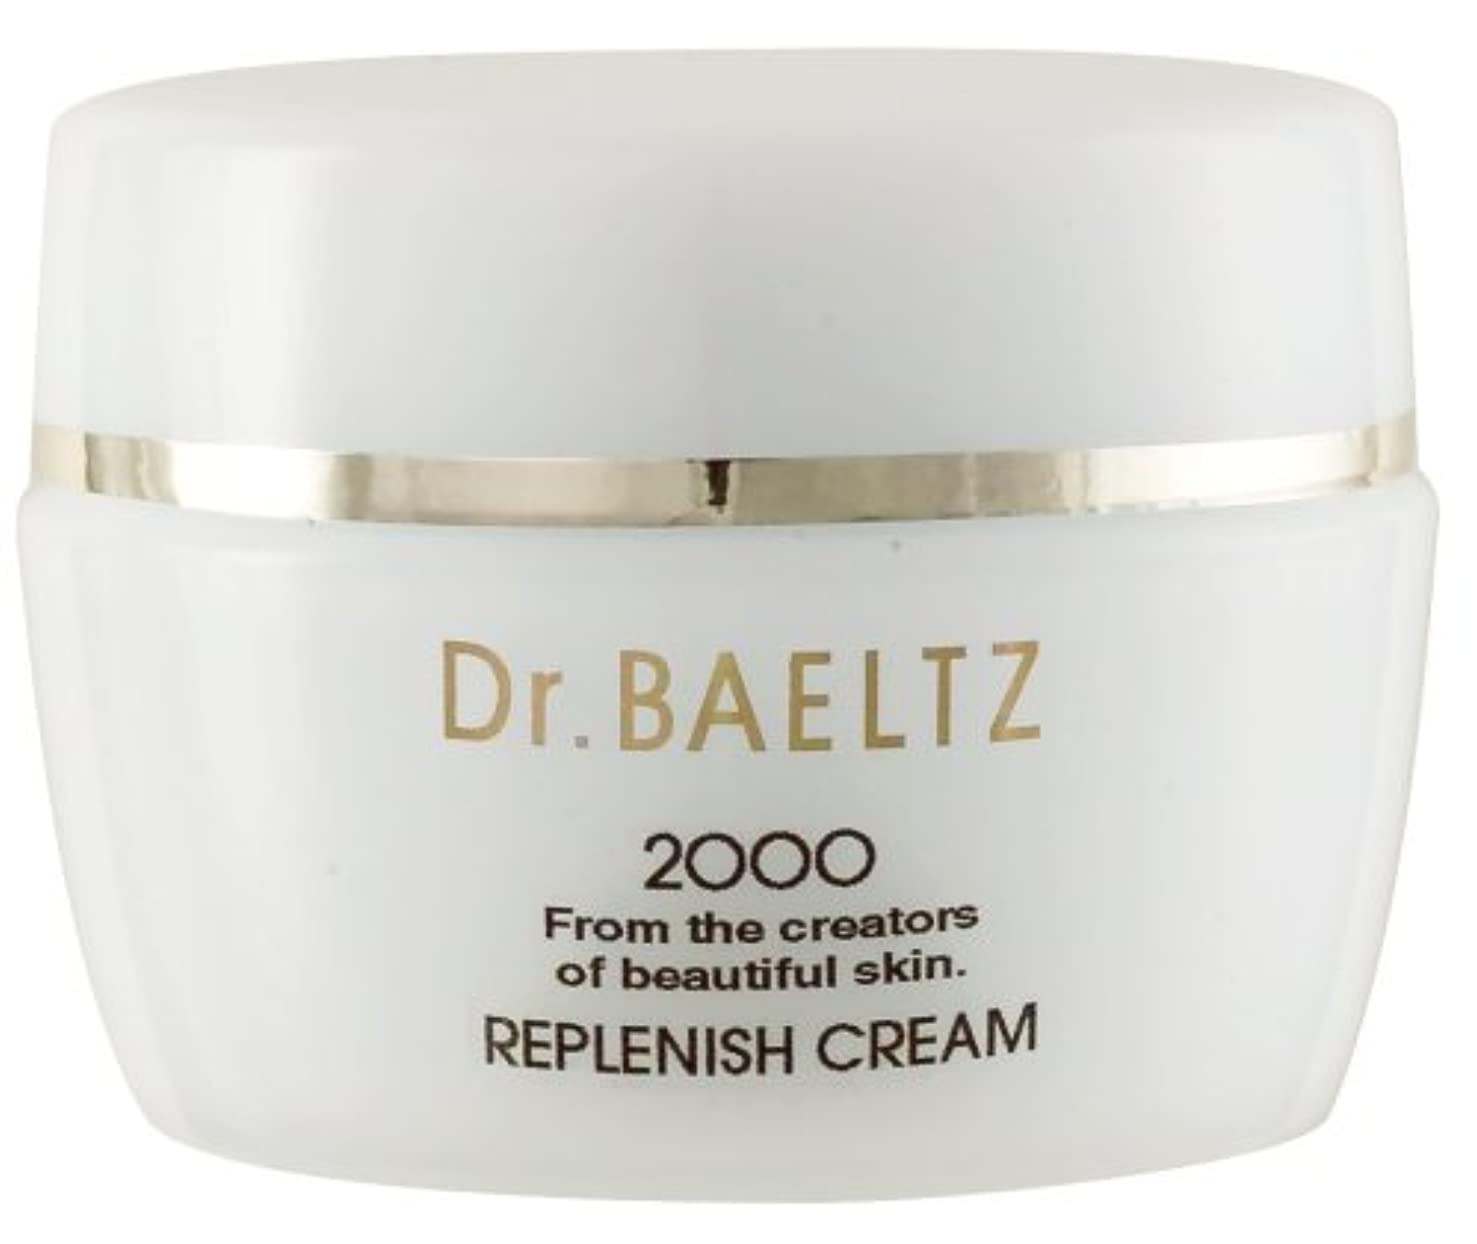 ドクターベルツ(Dr.BAELTZ) リプレニッシュクリーム 40g(保湿クリーム)